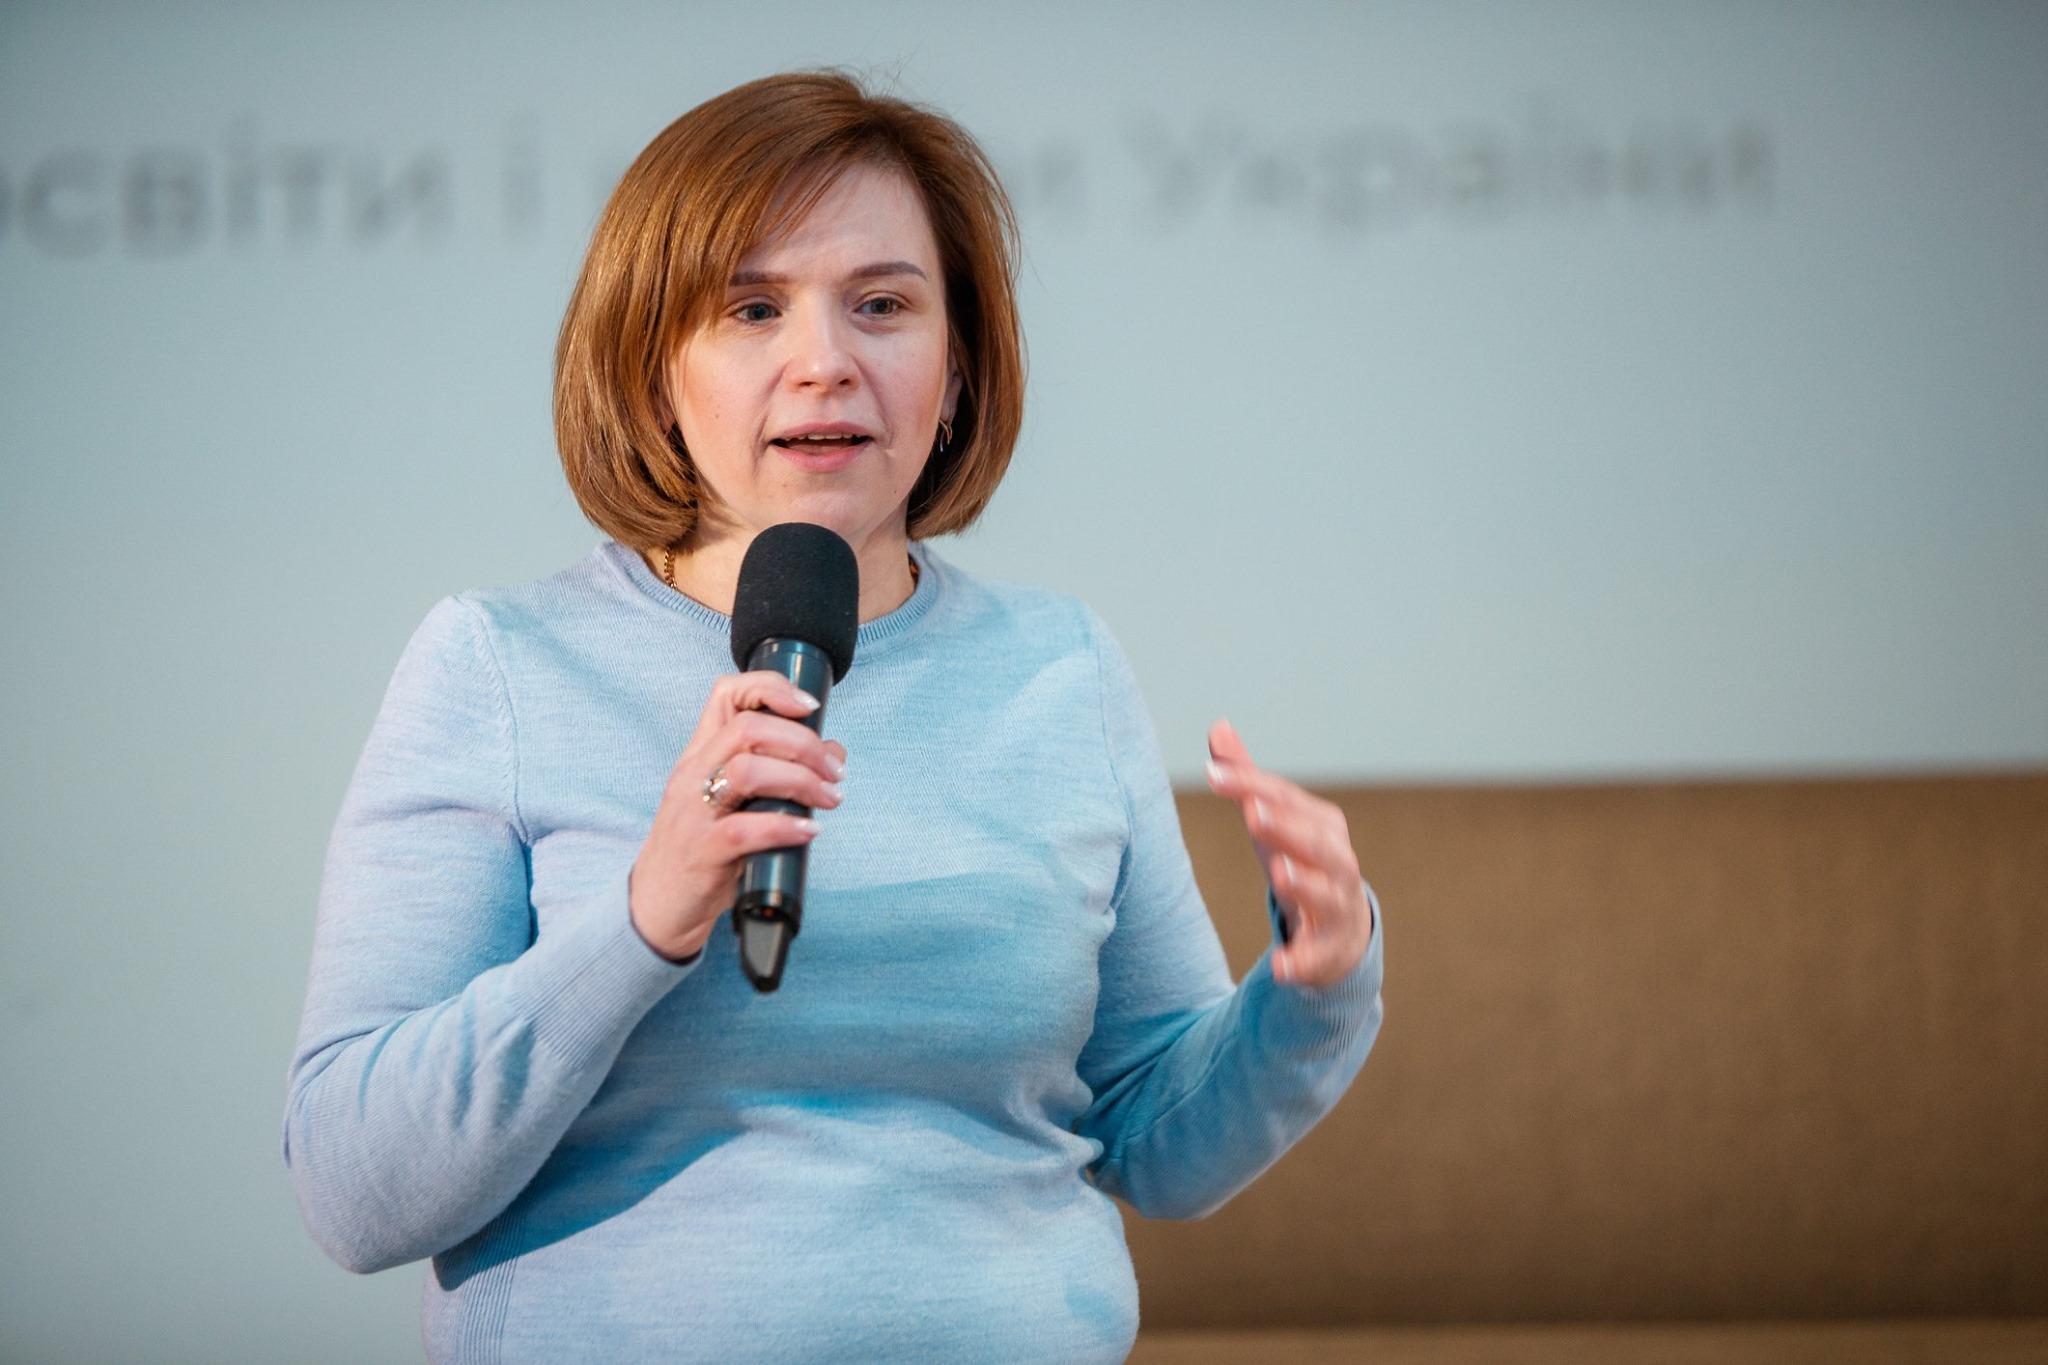 Любомира Мандзій, заступниця міністраосвіти і науки України